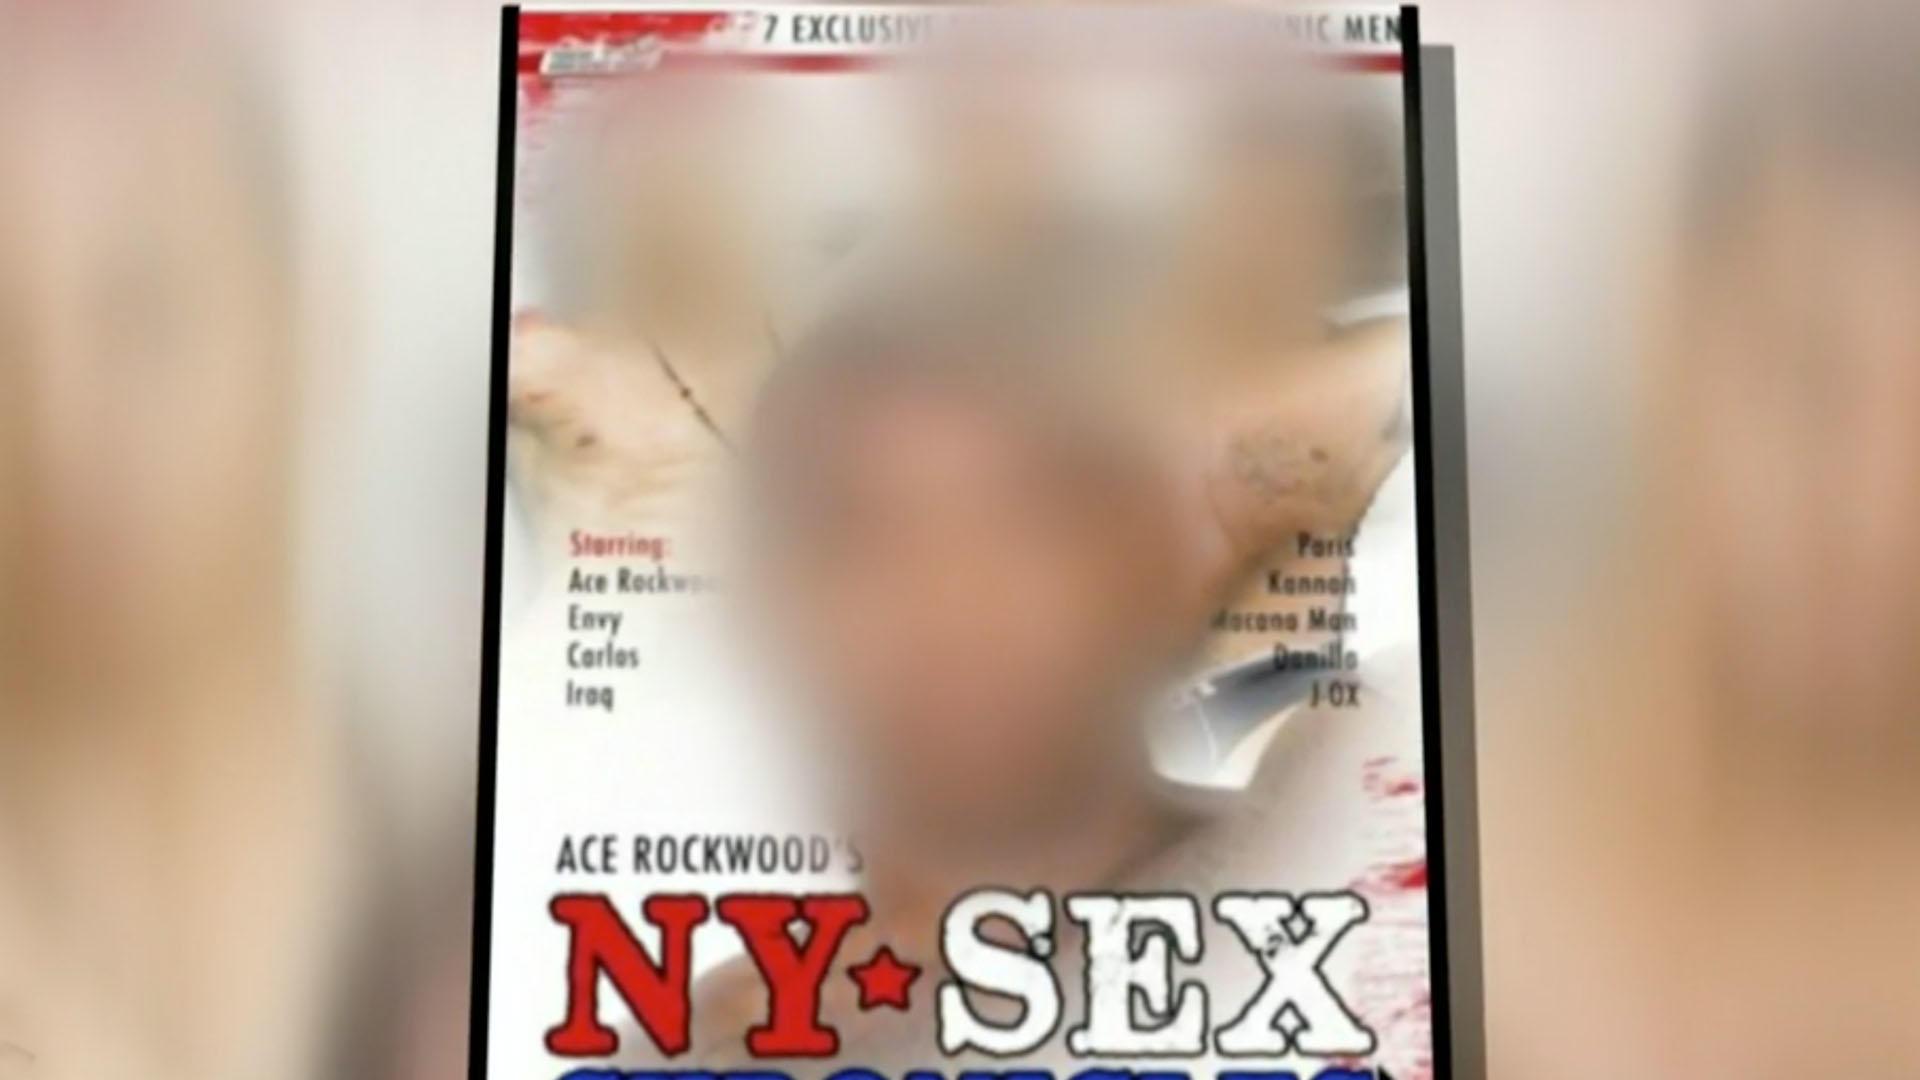 Carga De Peliculas Porno el lucrativo negocio de las películas porno de famosos